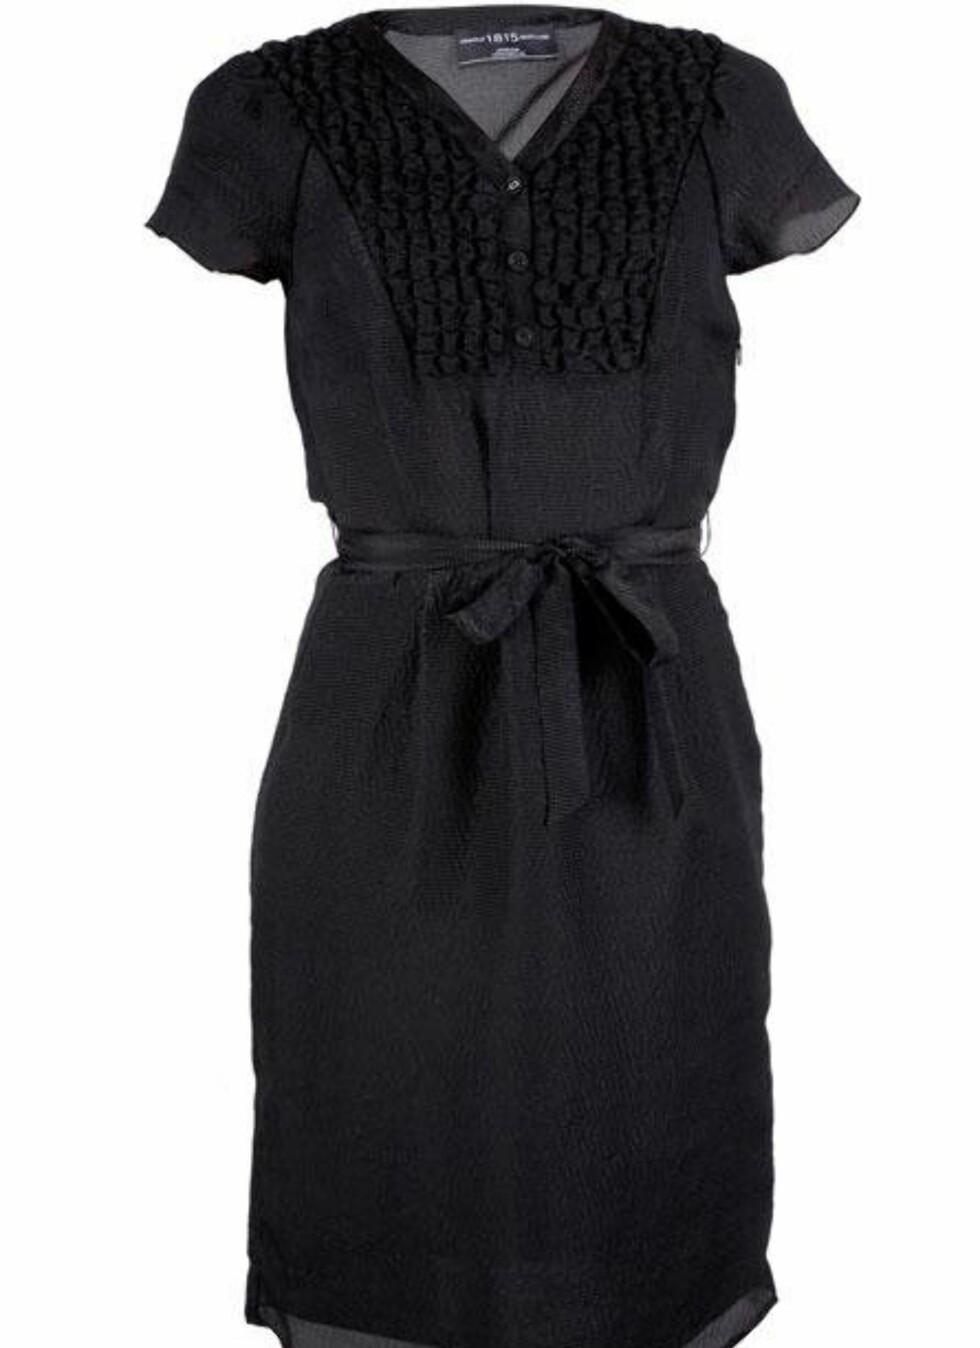 SPAR 1450 KRONER: Feminin silkekjole med små knapper og snøring i livet (kr 1450, Pringle/Fashionmixology.no).